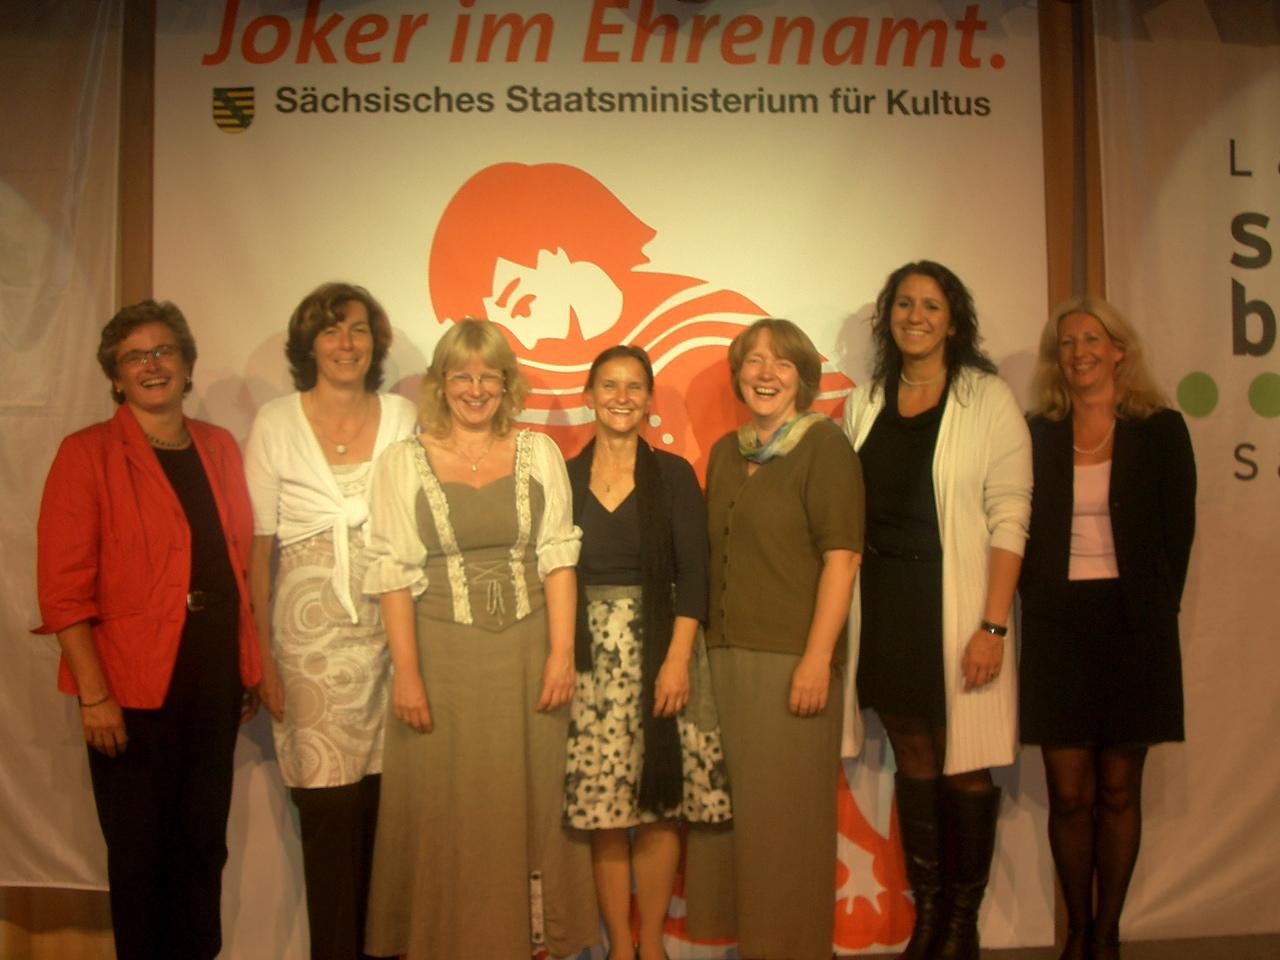 27.08.2010 Auszeichnung für Sylvia Füssl - Joker im Ehrenamt